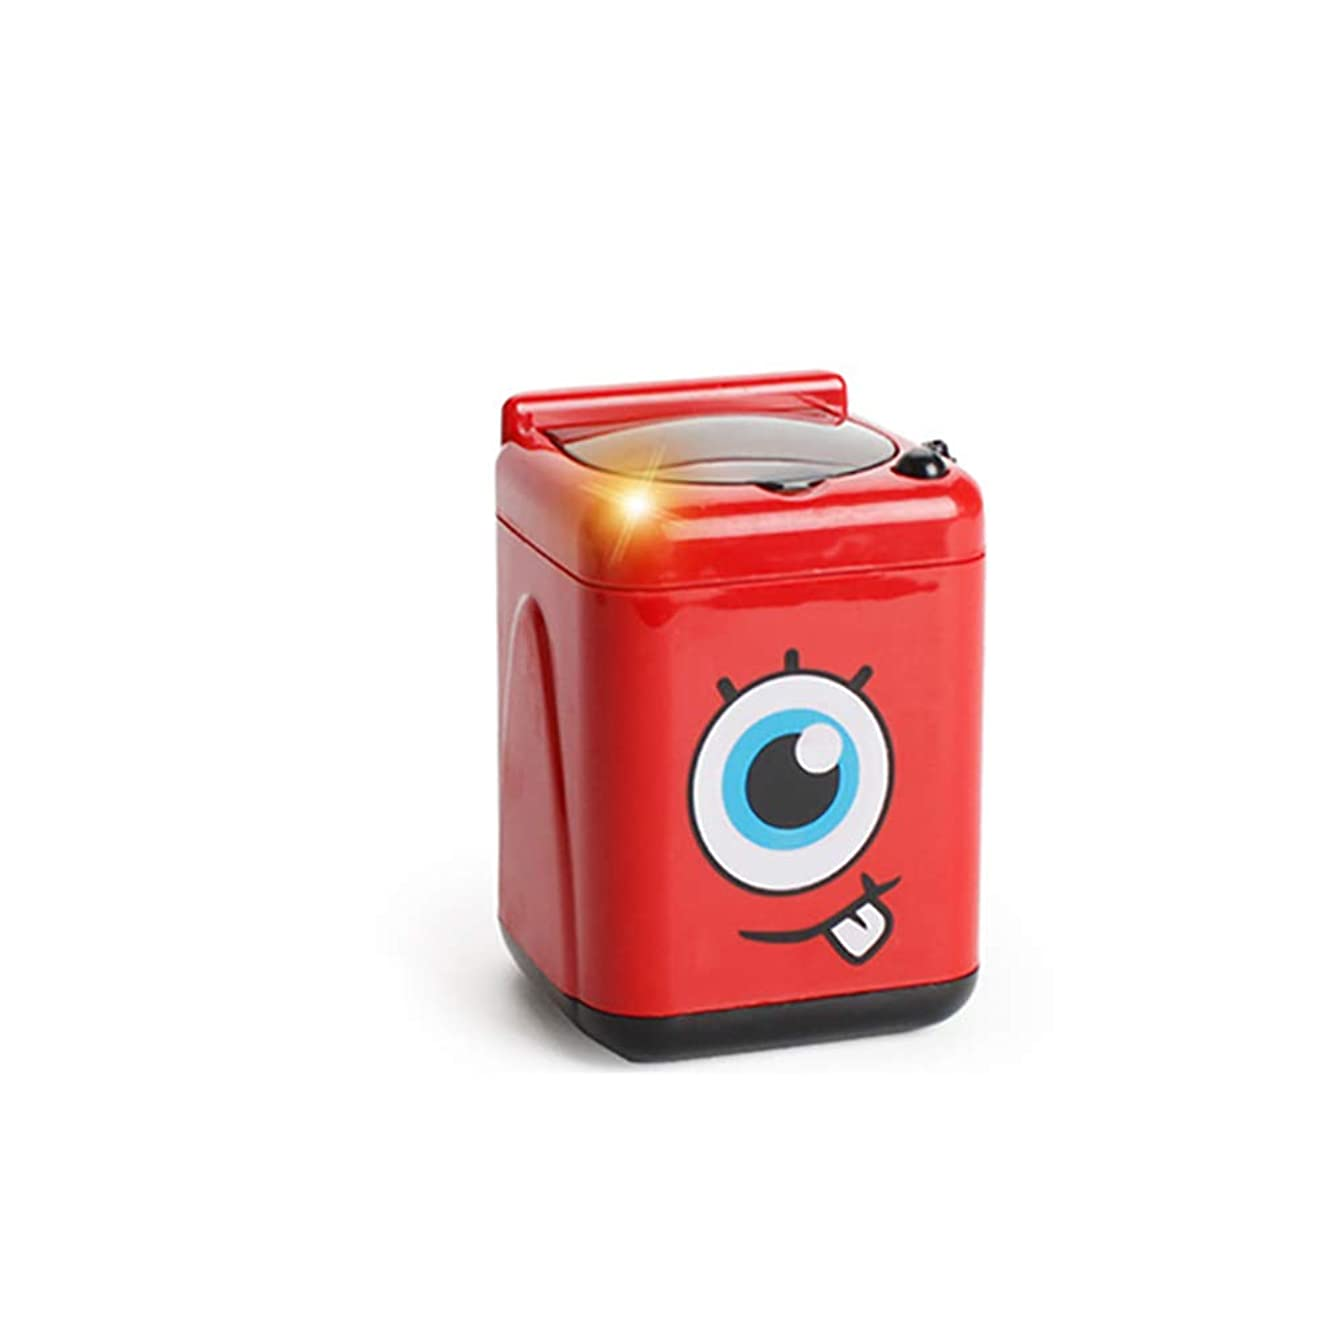 メイクアップブラシ洗浄機ミニ自動メイクアップブラシクリーナー装置メイクアップブラシを清潔に保ちます